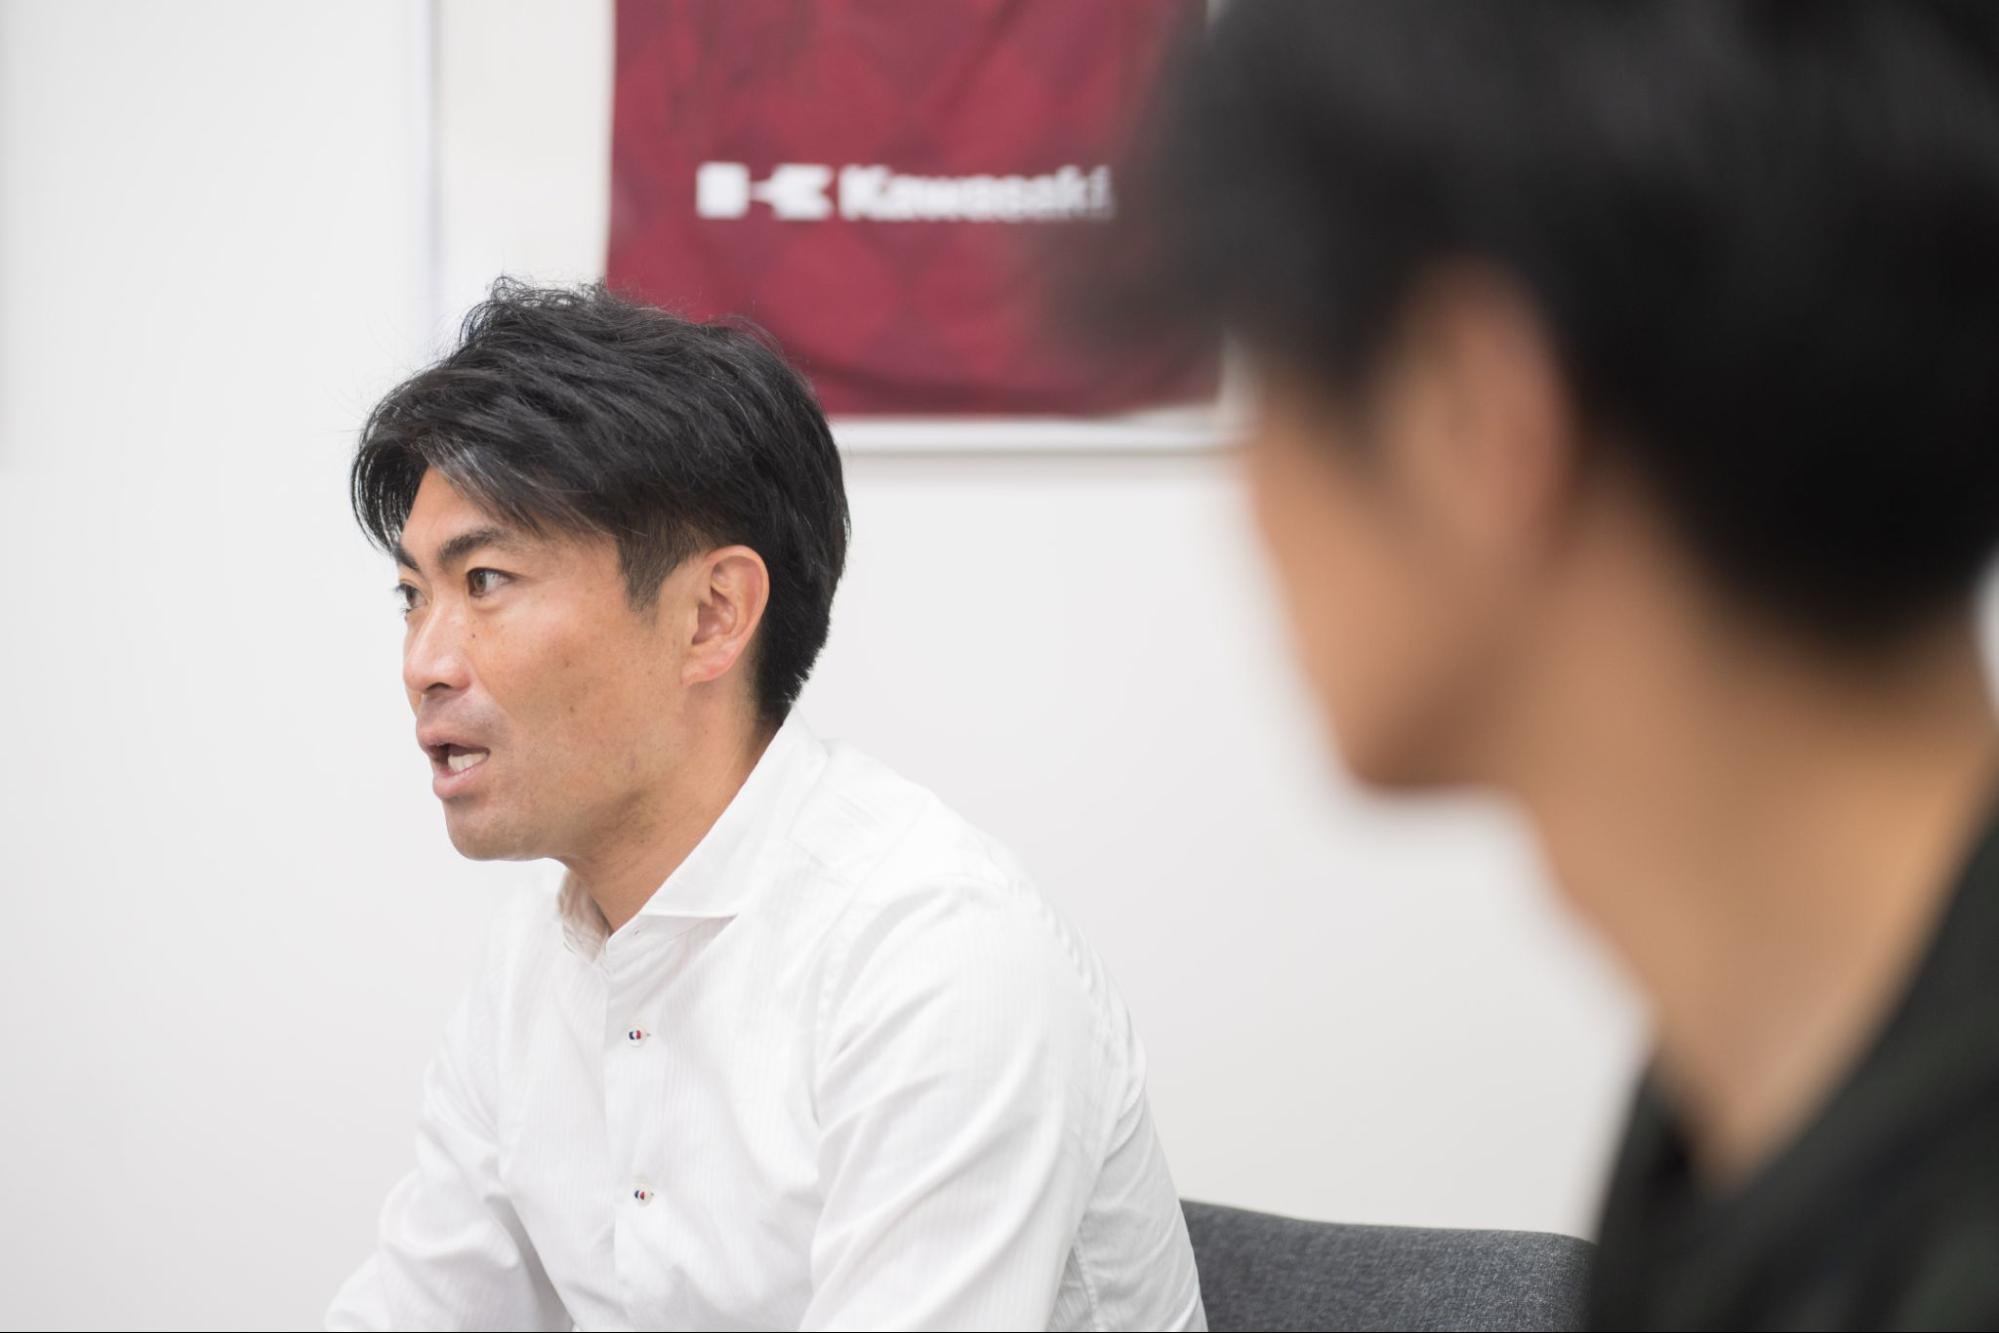 株式会社ライフパフォーマンス代表取締役 大塚 慶輔氏